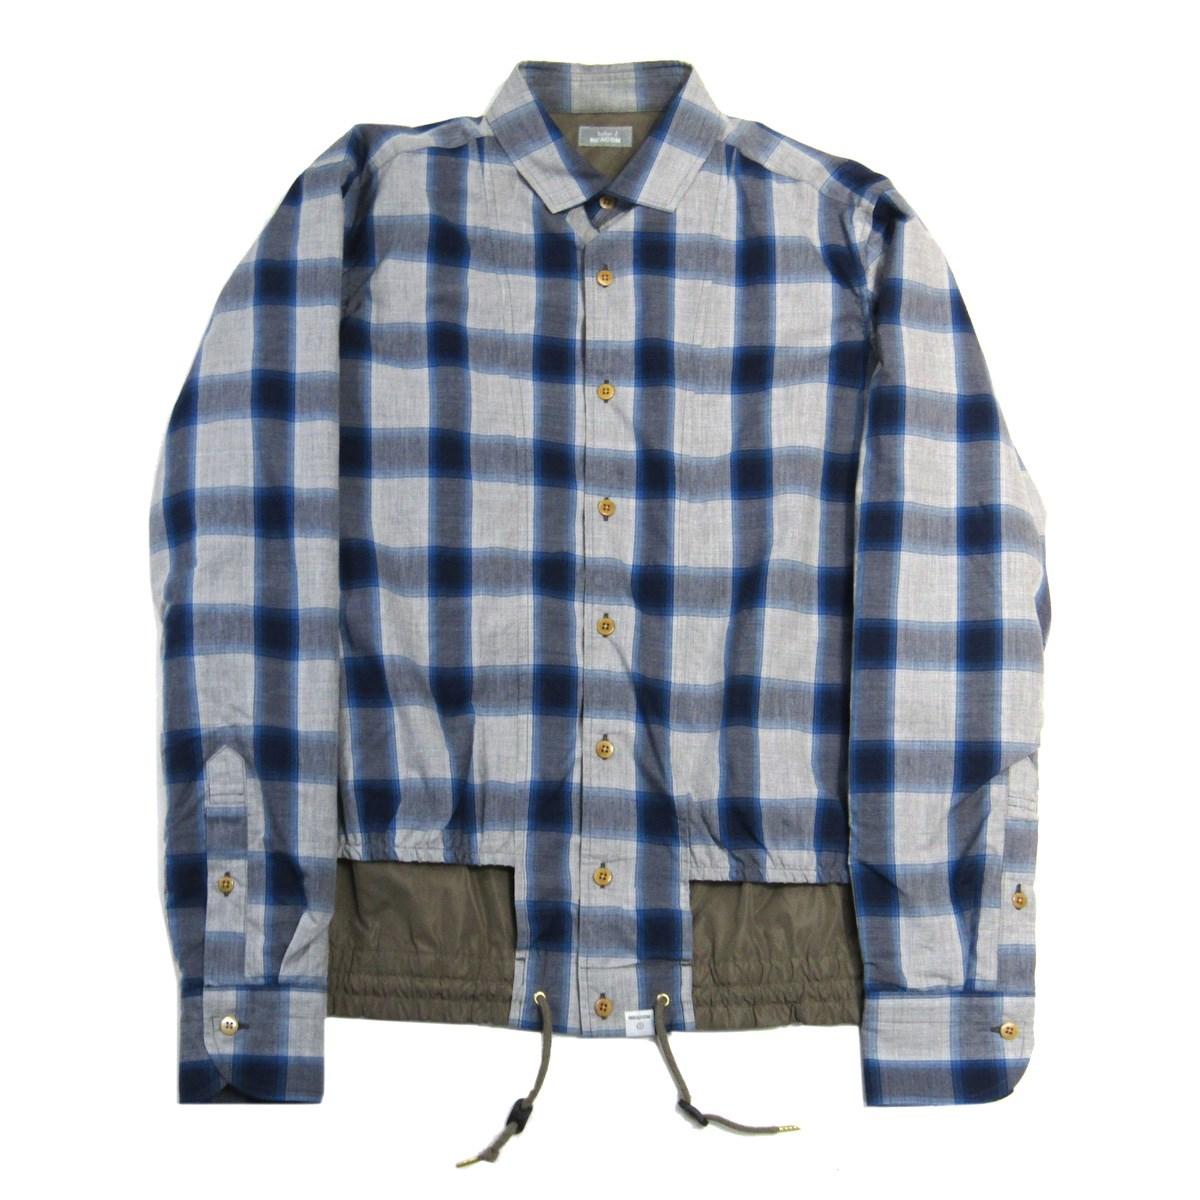 【中古】kolor BEACON 2016AW CHECK SHIRTS チェック柄シャツジャケット ブルー×グレー サイズ:2 【090720】(カラービーコン)